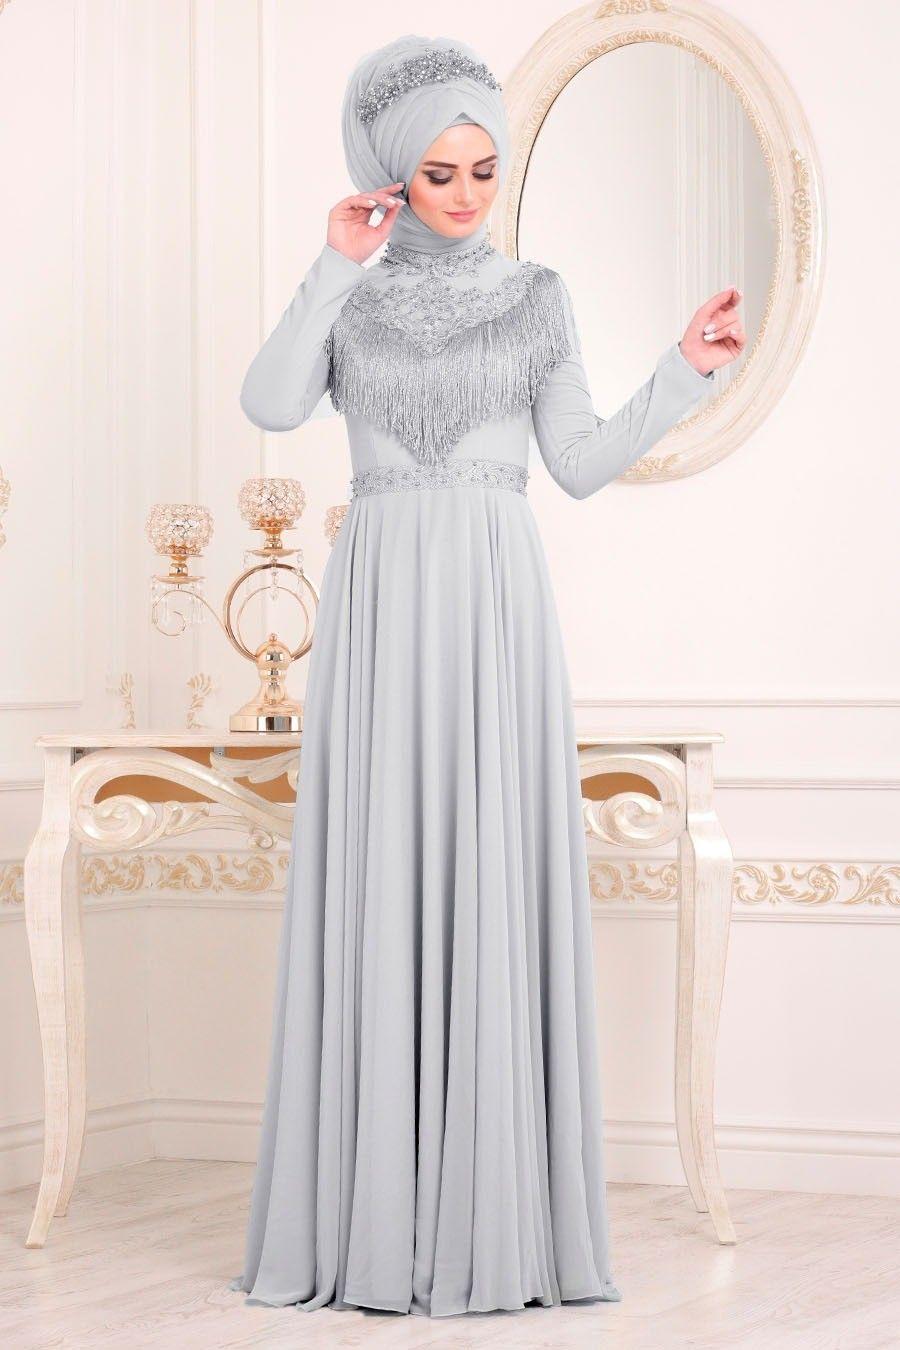 Tesetturlu Abiye Elbise Boncuk Detayli Gri Tesettur Abiye Elbise 20901gr Tesetturisland Com Elbise Elbiseler Aksamustu Giysileri